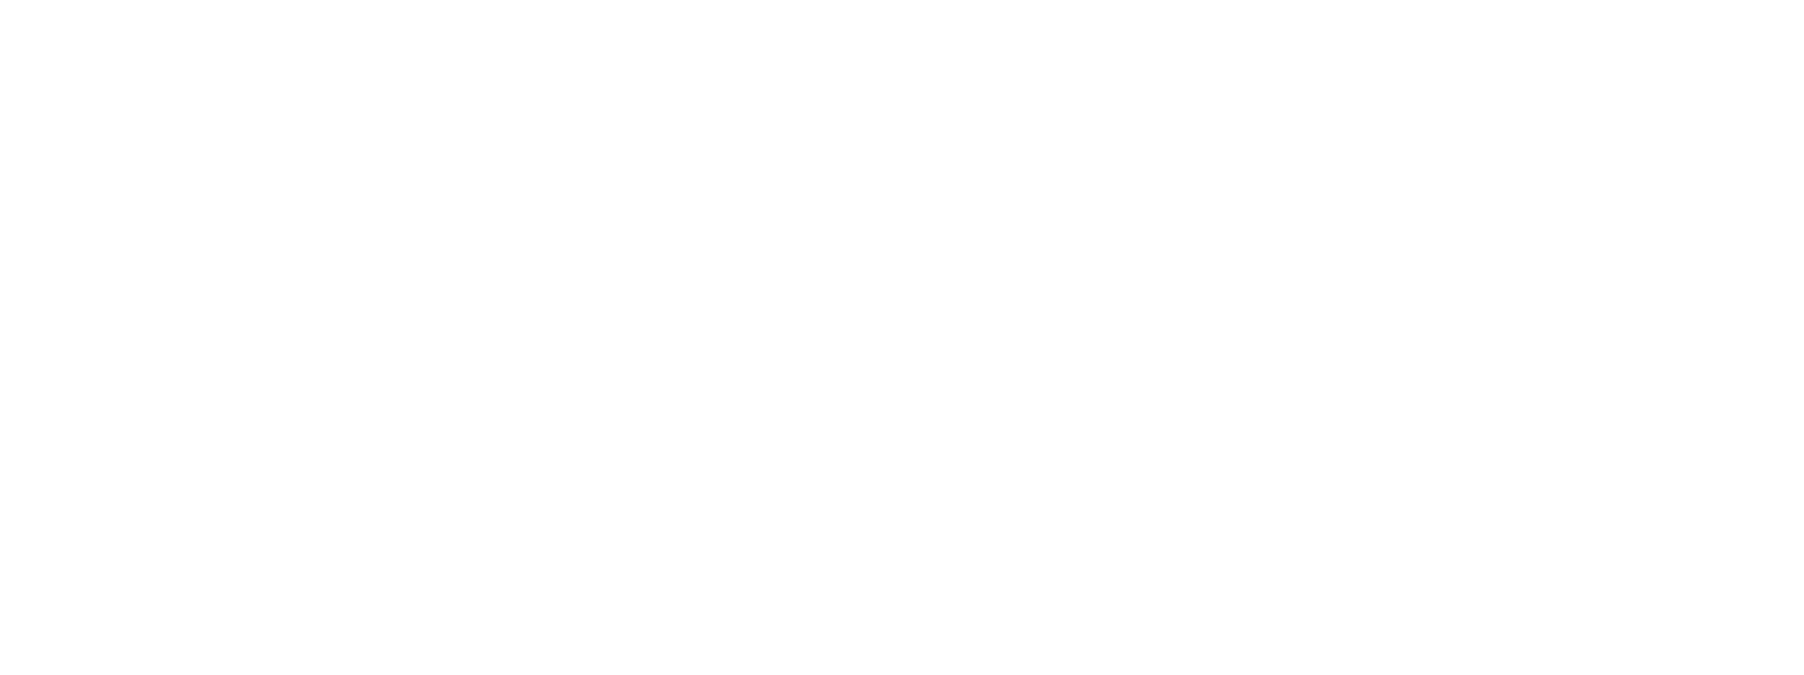 cav-djspot-01-01